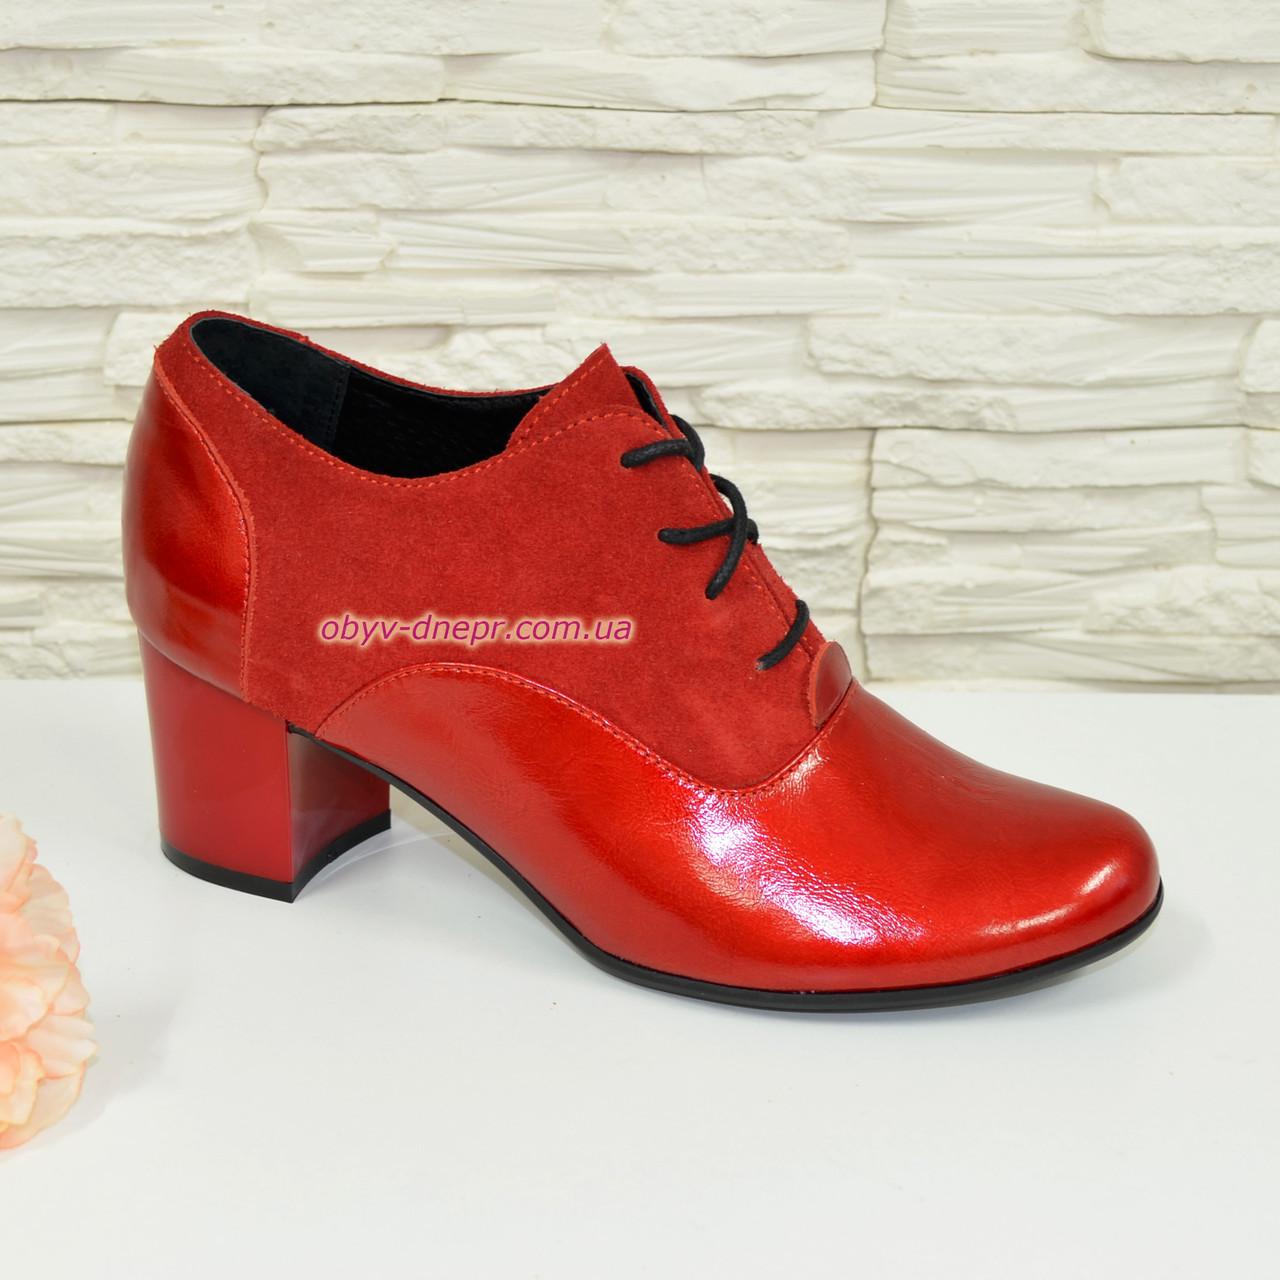 448d1381a Туфли женские на устойчивом каблуке, натуральная замша и кожа красного  цвета.